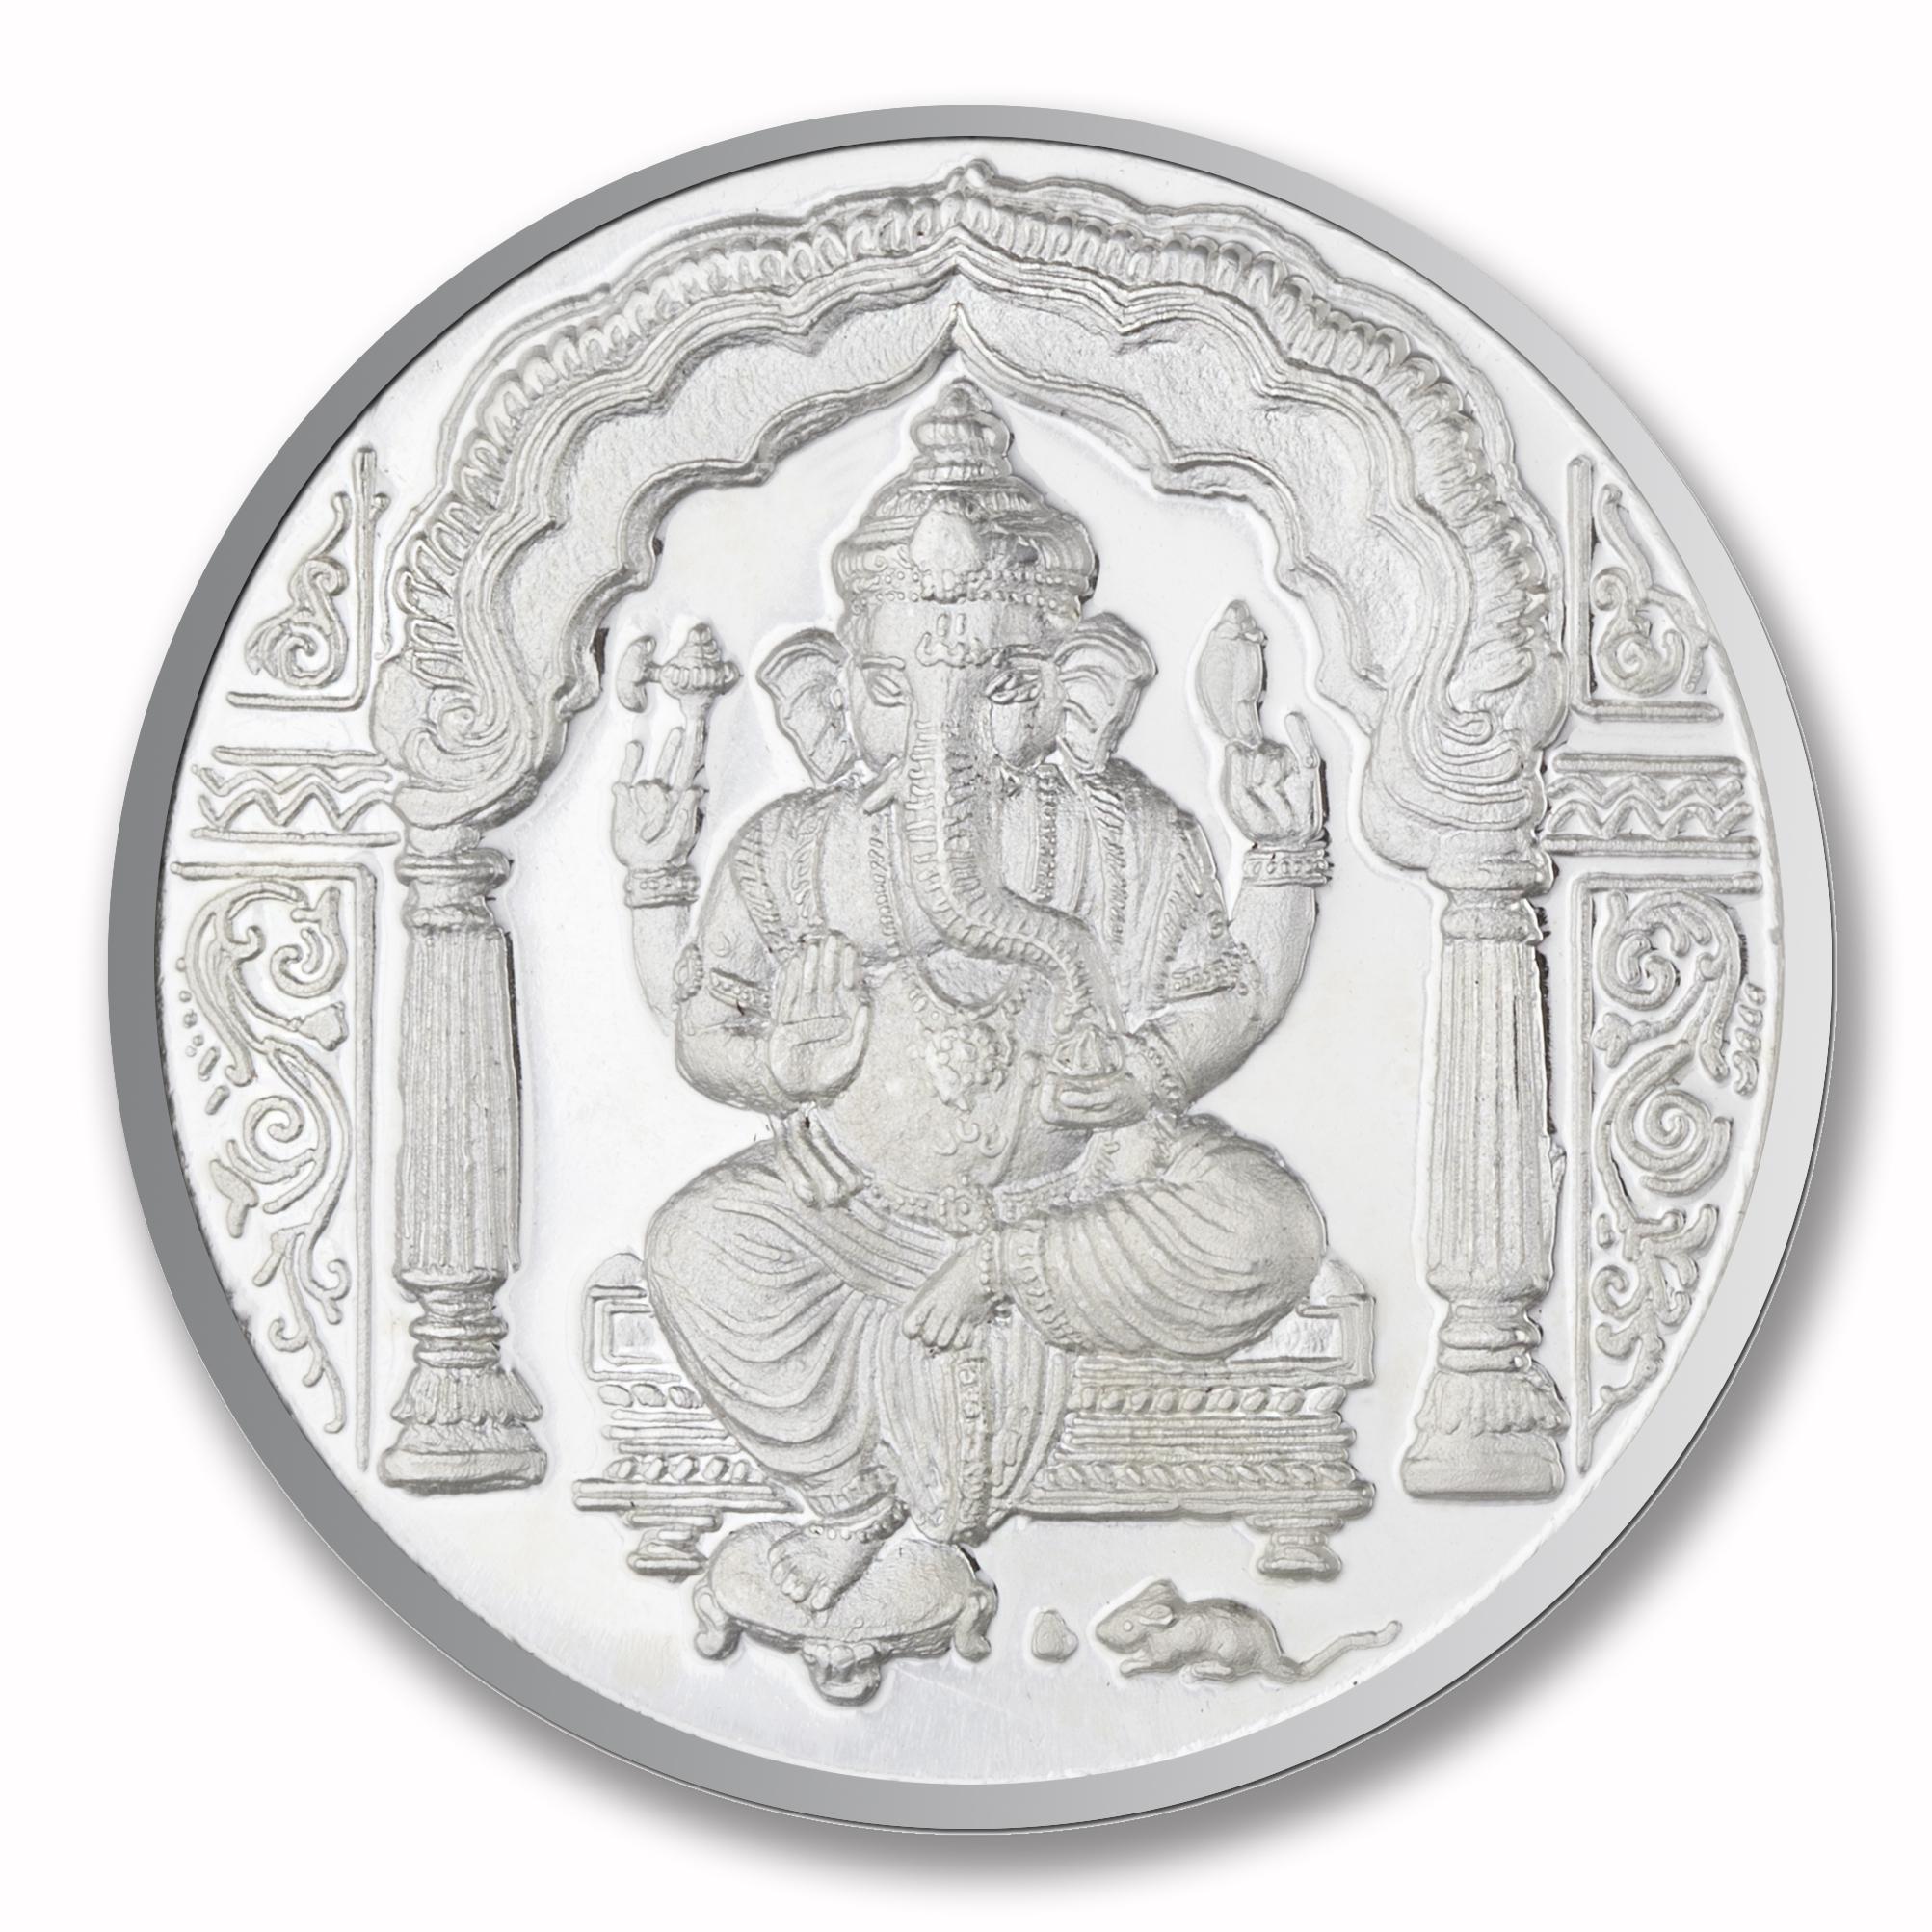 Silver, 50 gms Ganesha Om Silver Coin